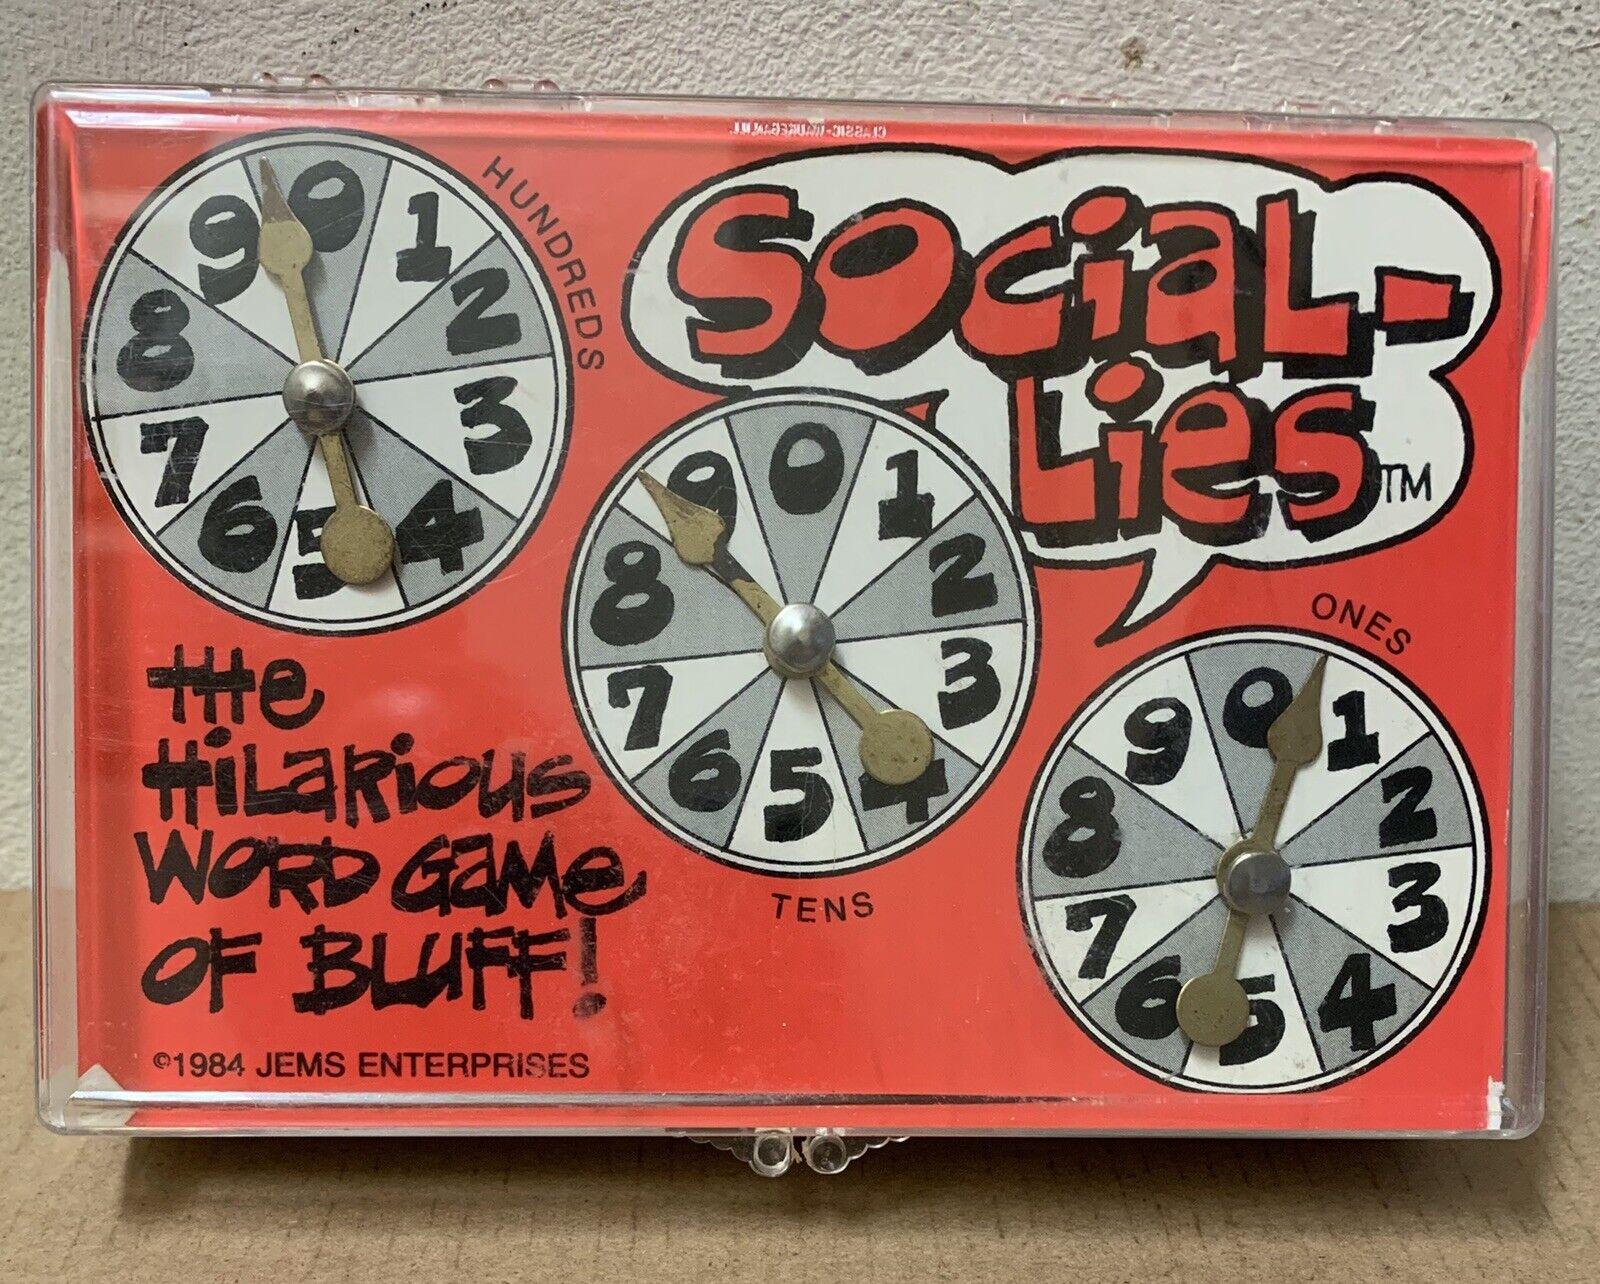 Rara mentiras social juego de palabras 1984 Jems empresas década de 1980 un farol Fiesta Juguete